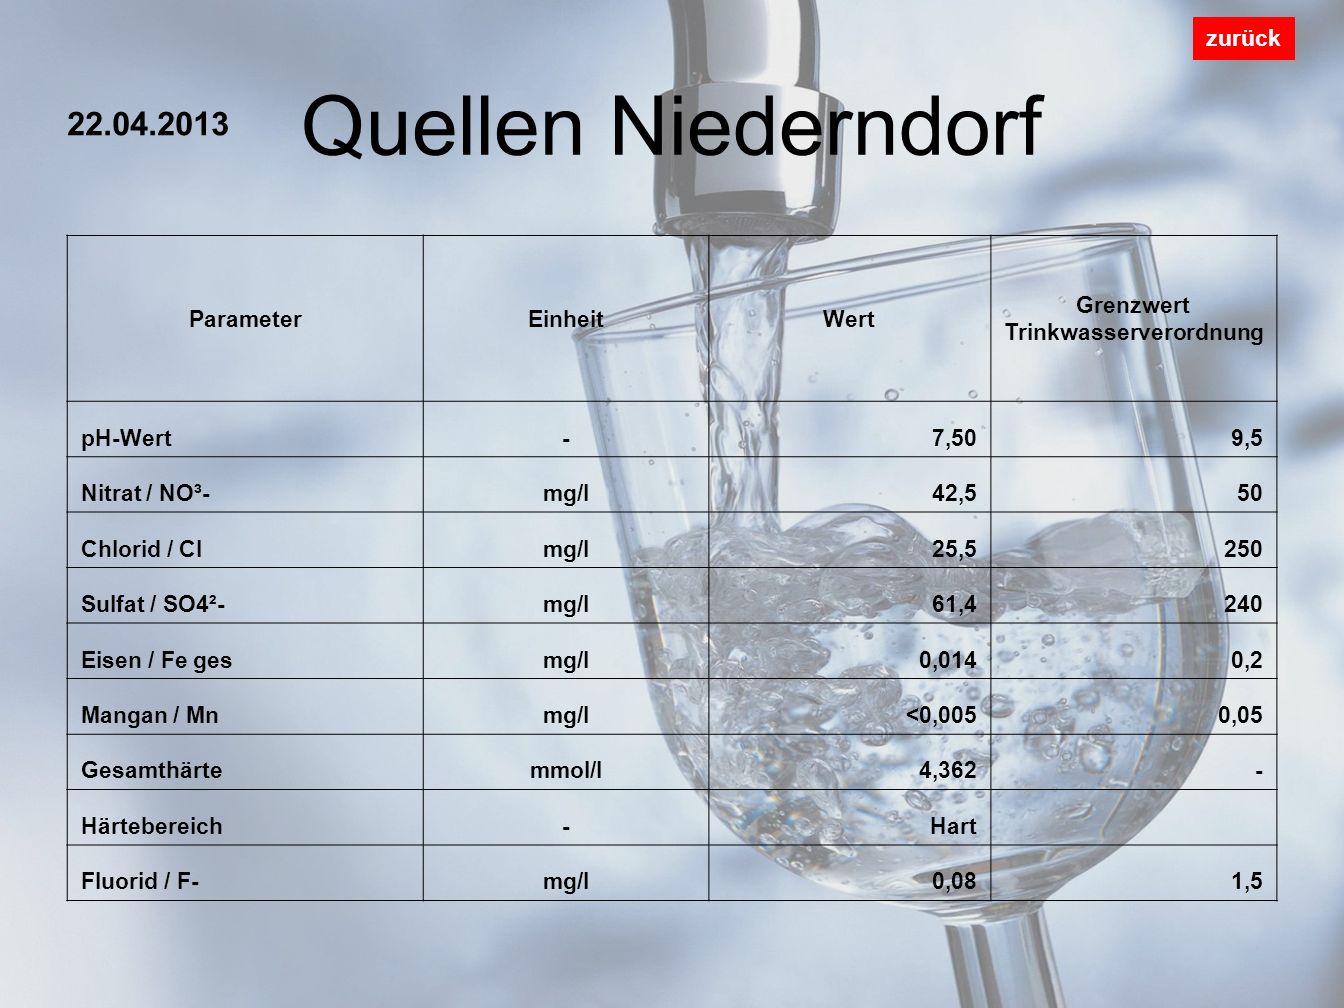 Quellen Niederndorf zurück ParameterEinheitWert Grenzwert Trinkwasserverordnung pH-Wert-7,509,5 Nitrat / NO³-mg/l42,550 Chlorid / Clmg/l25,5250 Sulfat